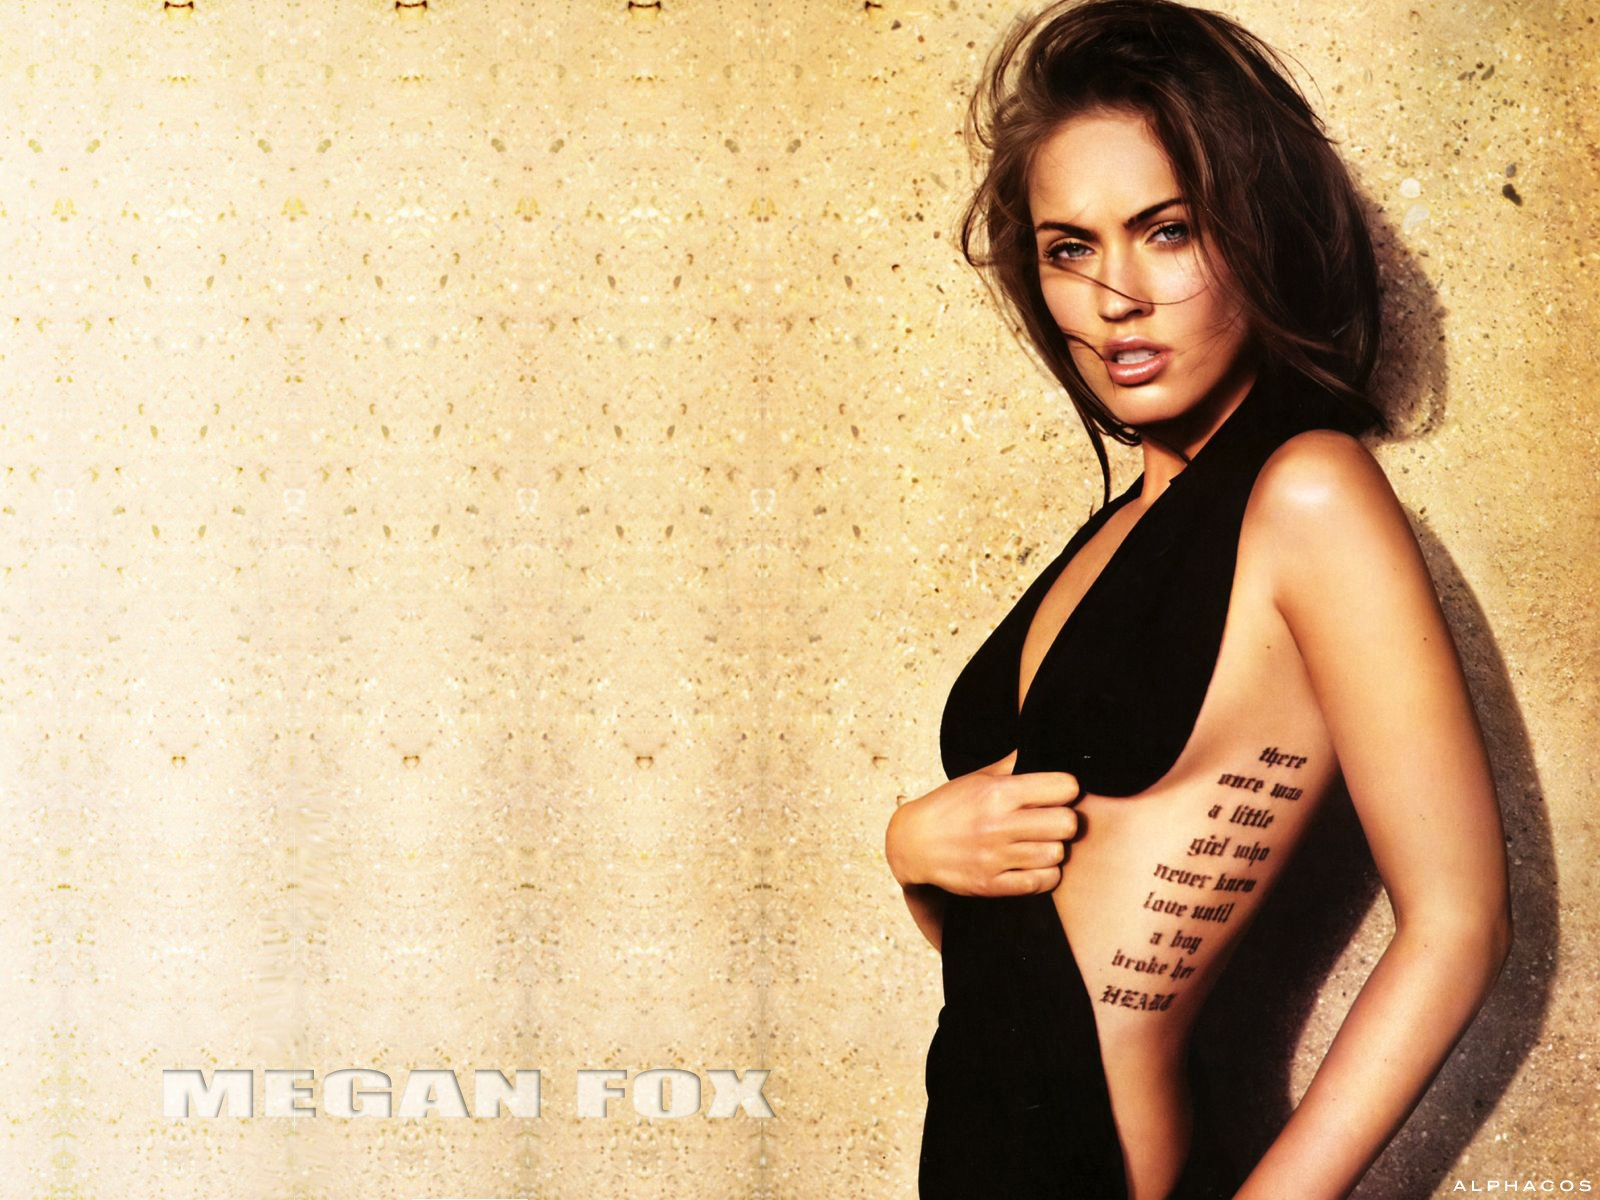 http://2.bp.blogspot.com/-oVr4gOhc2ZU/TlSogIXB3fI/AAAAAAAALso/MnRvZYdD3_w/s1600/Megan-Fox_Wallpaper_04.jpg